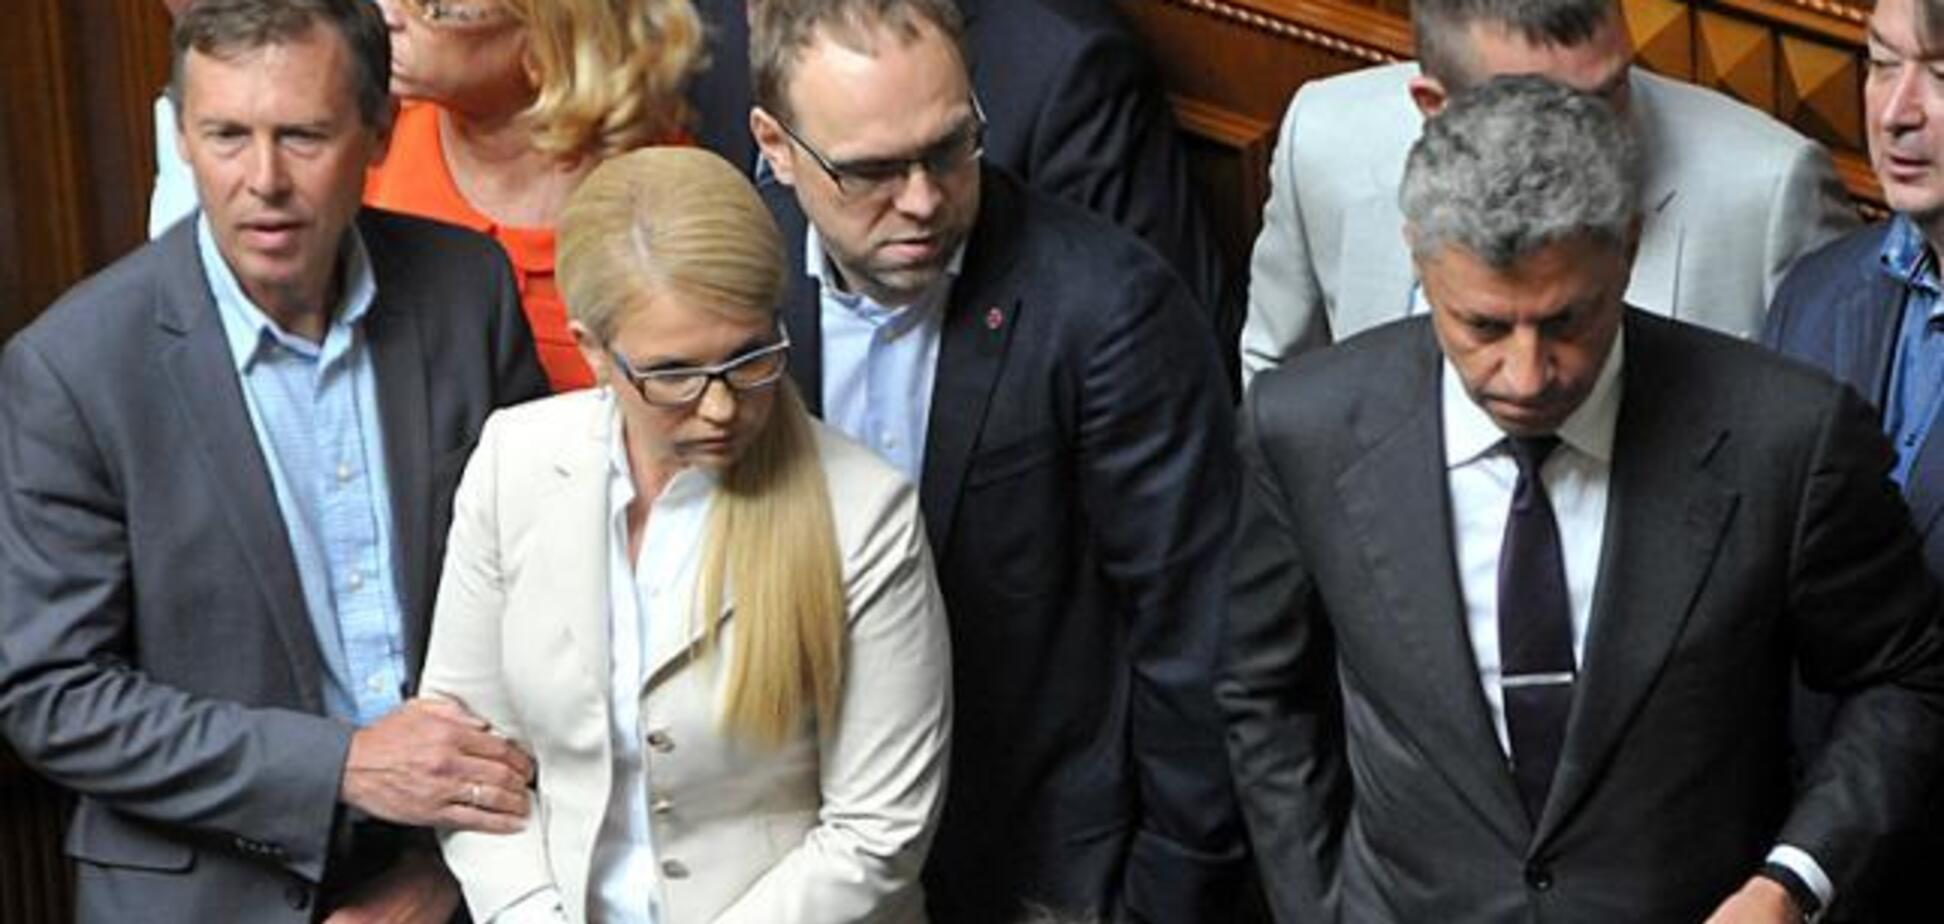 БПП обвинил 'Батьківщину' в росте тарифов: у Тимошенко жестко ответили